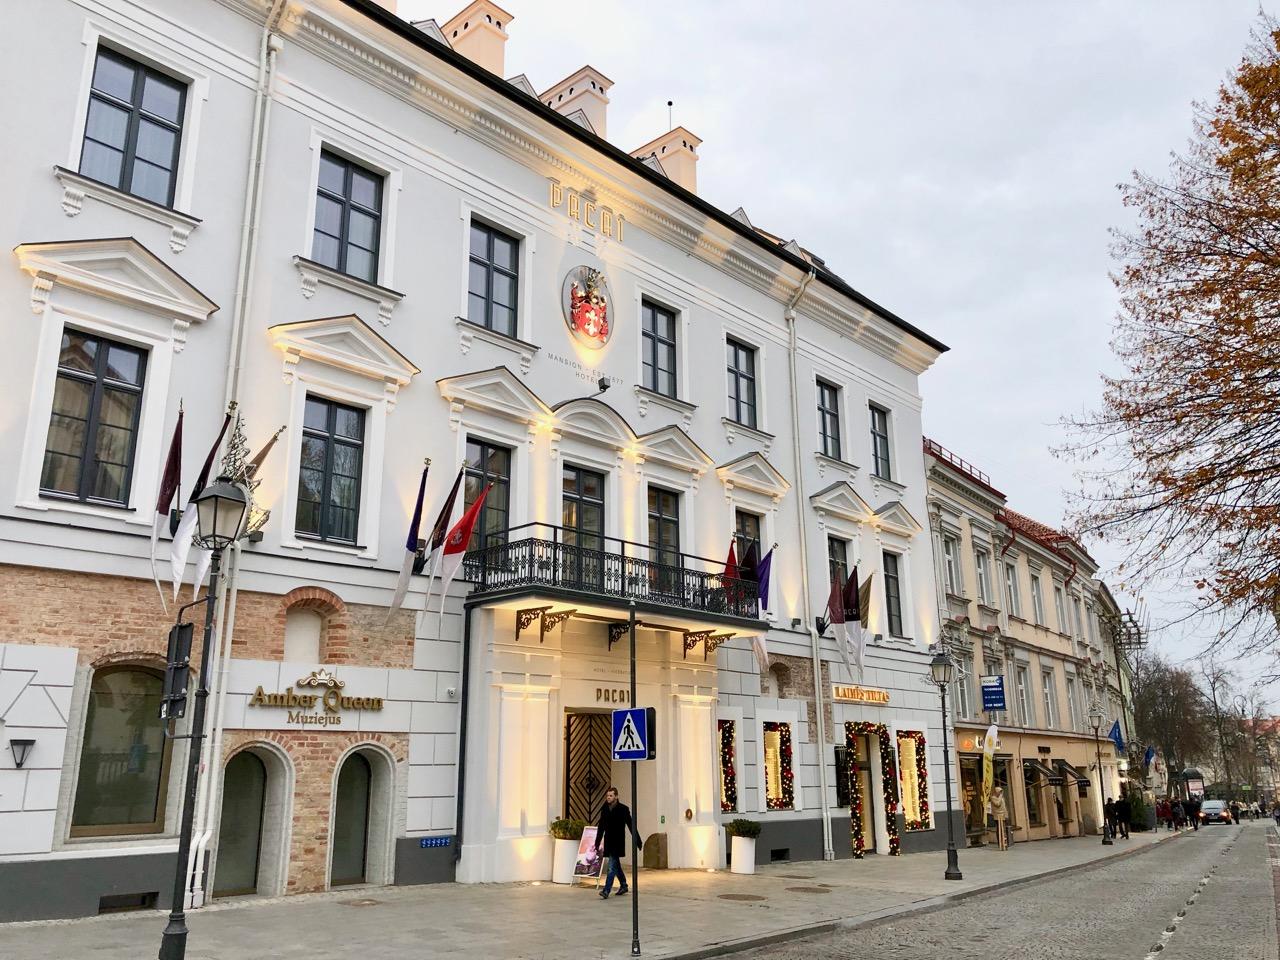 hotel pacai in Vilnius Design Guide vilnius design guide VILNIUS DESIGN GUIDE hotel pacai